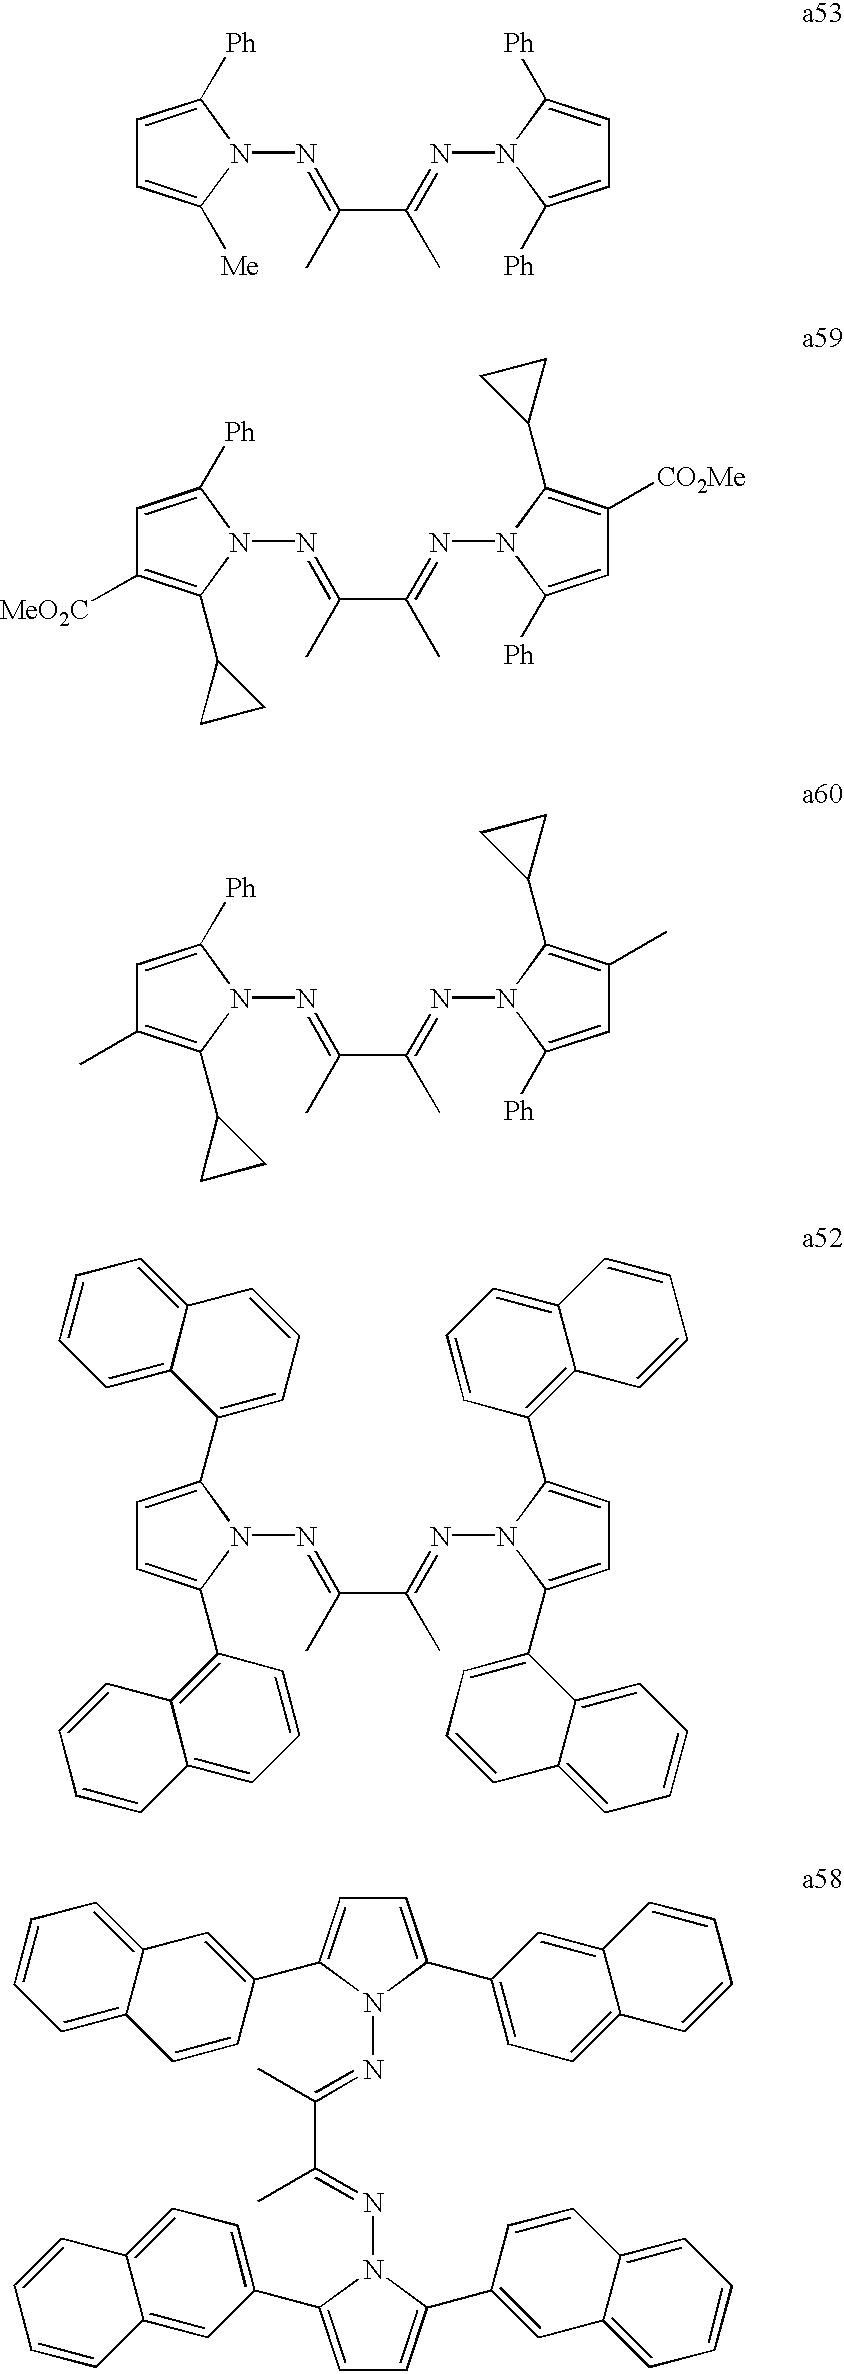 Figure US06545108-20030408-C00006